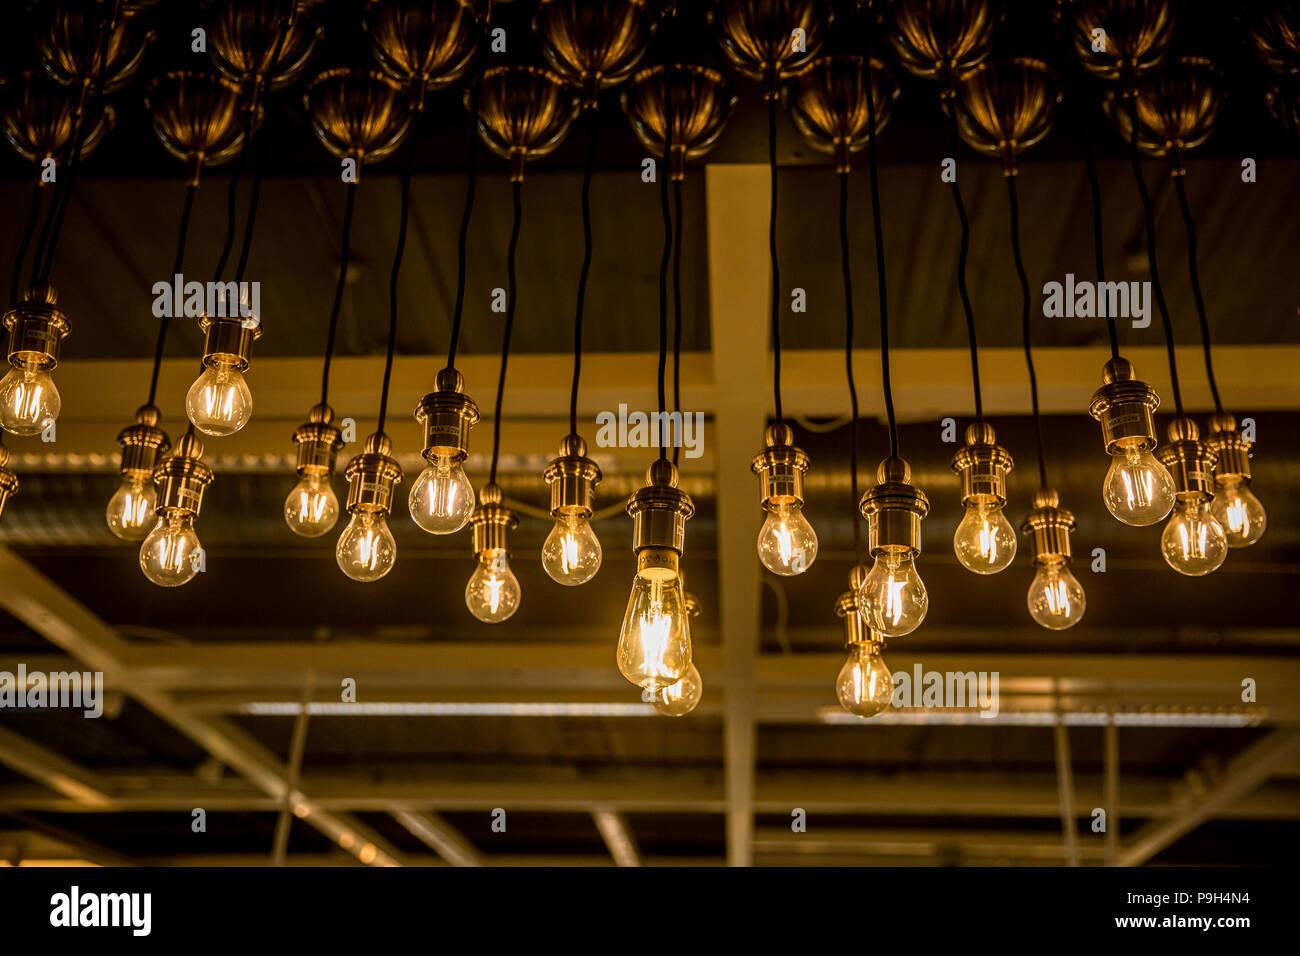 Lampade A Led Da Soffitto Ikea : Lampadine a led su cavi lunghi consegna dal soffitto nel negozio